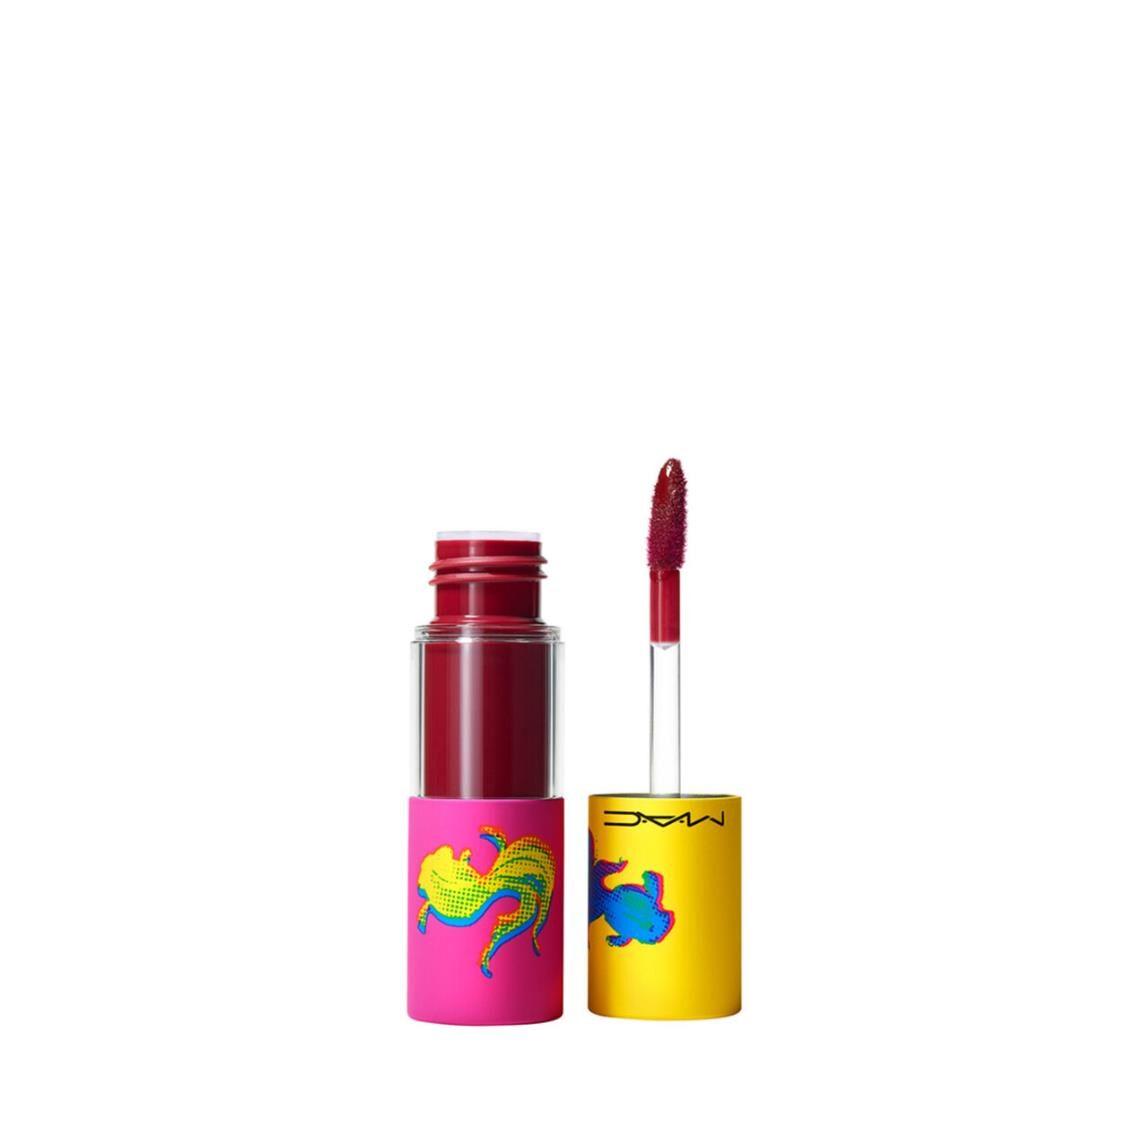 MAC Moon Masterpiece Versicolour Varnish Cream Lip Stain